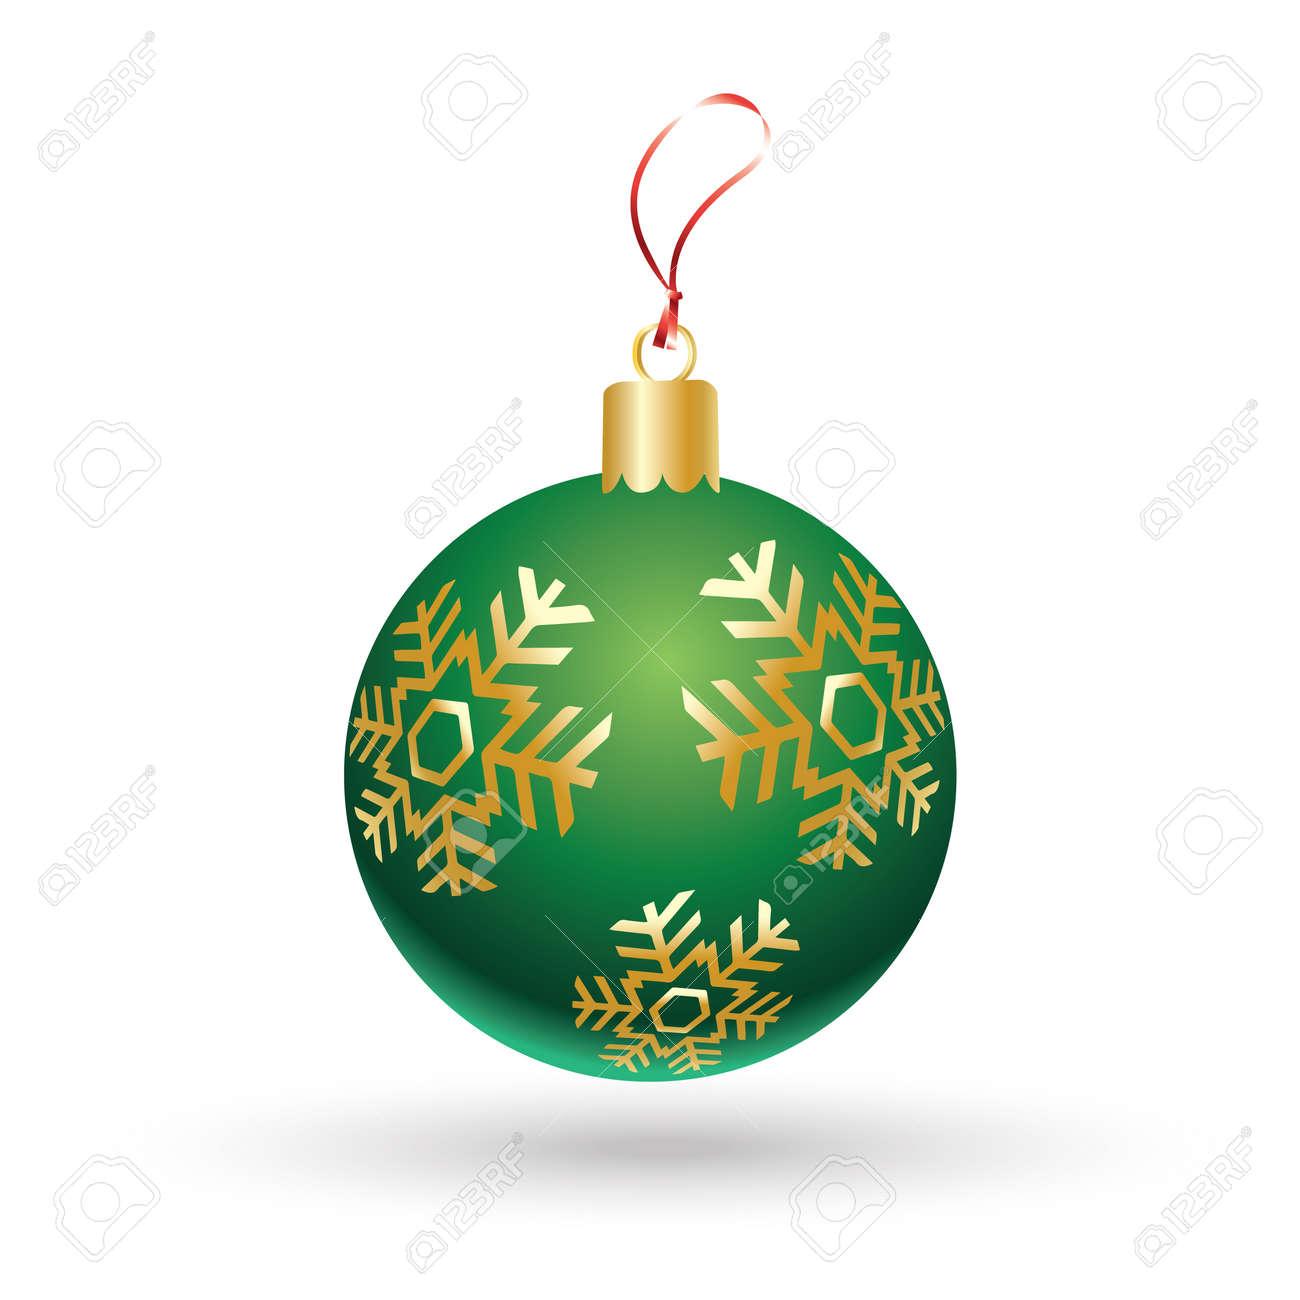 7c51867841663 Bola Navideña. Bola De Navidad Verde Con Copos De Nieve De Oro Aislado  Sobre Fondo Blanco. Icono De Vector Para El Diseño De Tarjetas De  Felicitación De ...